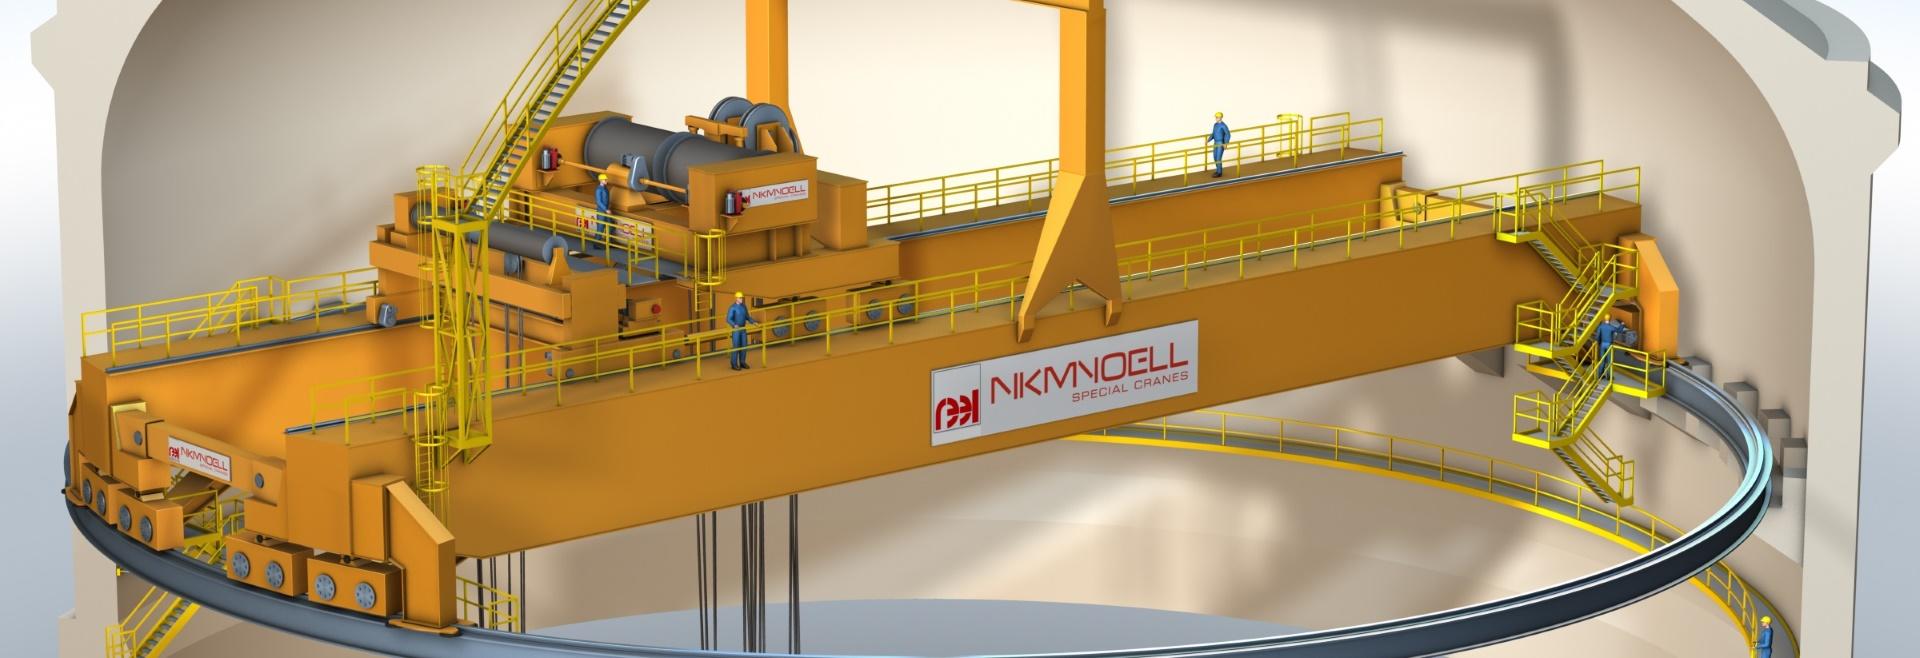 Reactor Building Cranes Nkm Noell